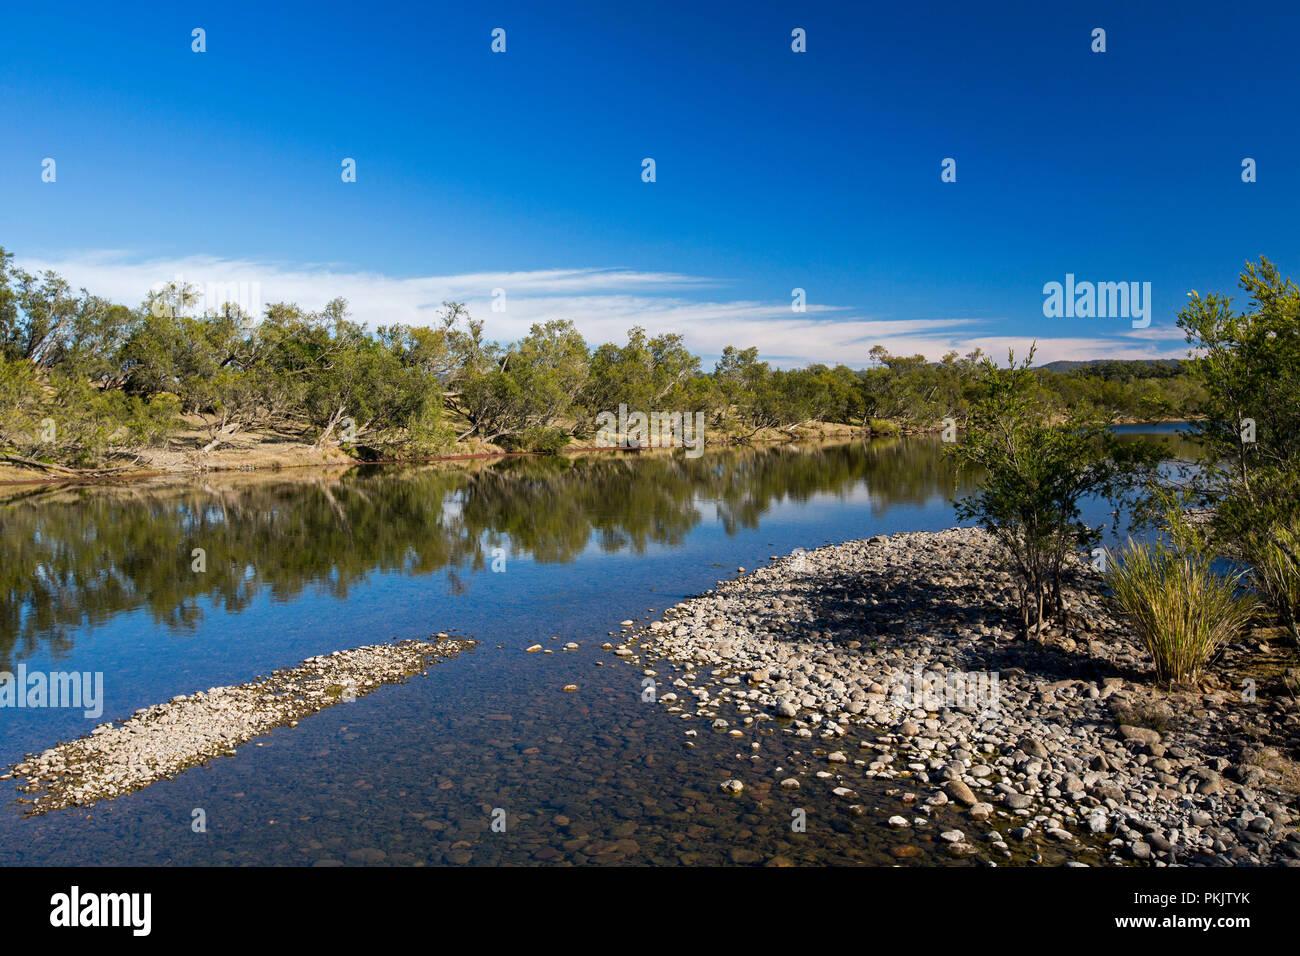 Tranquilas aguas azules del río Clarence cortar a través de paisaje boscoso bajo un cielo azul en el norte de Nueva Gales del Sur (Australia) Imagen De Stock